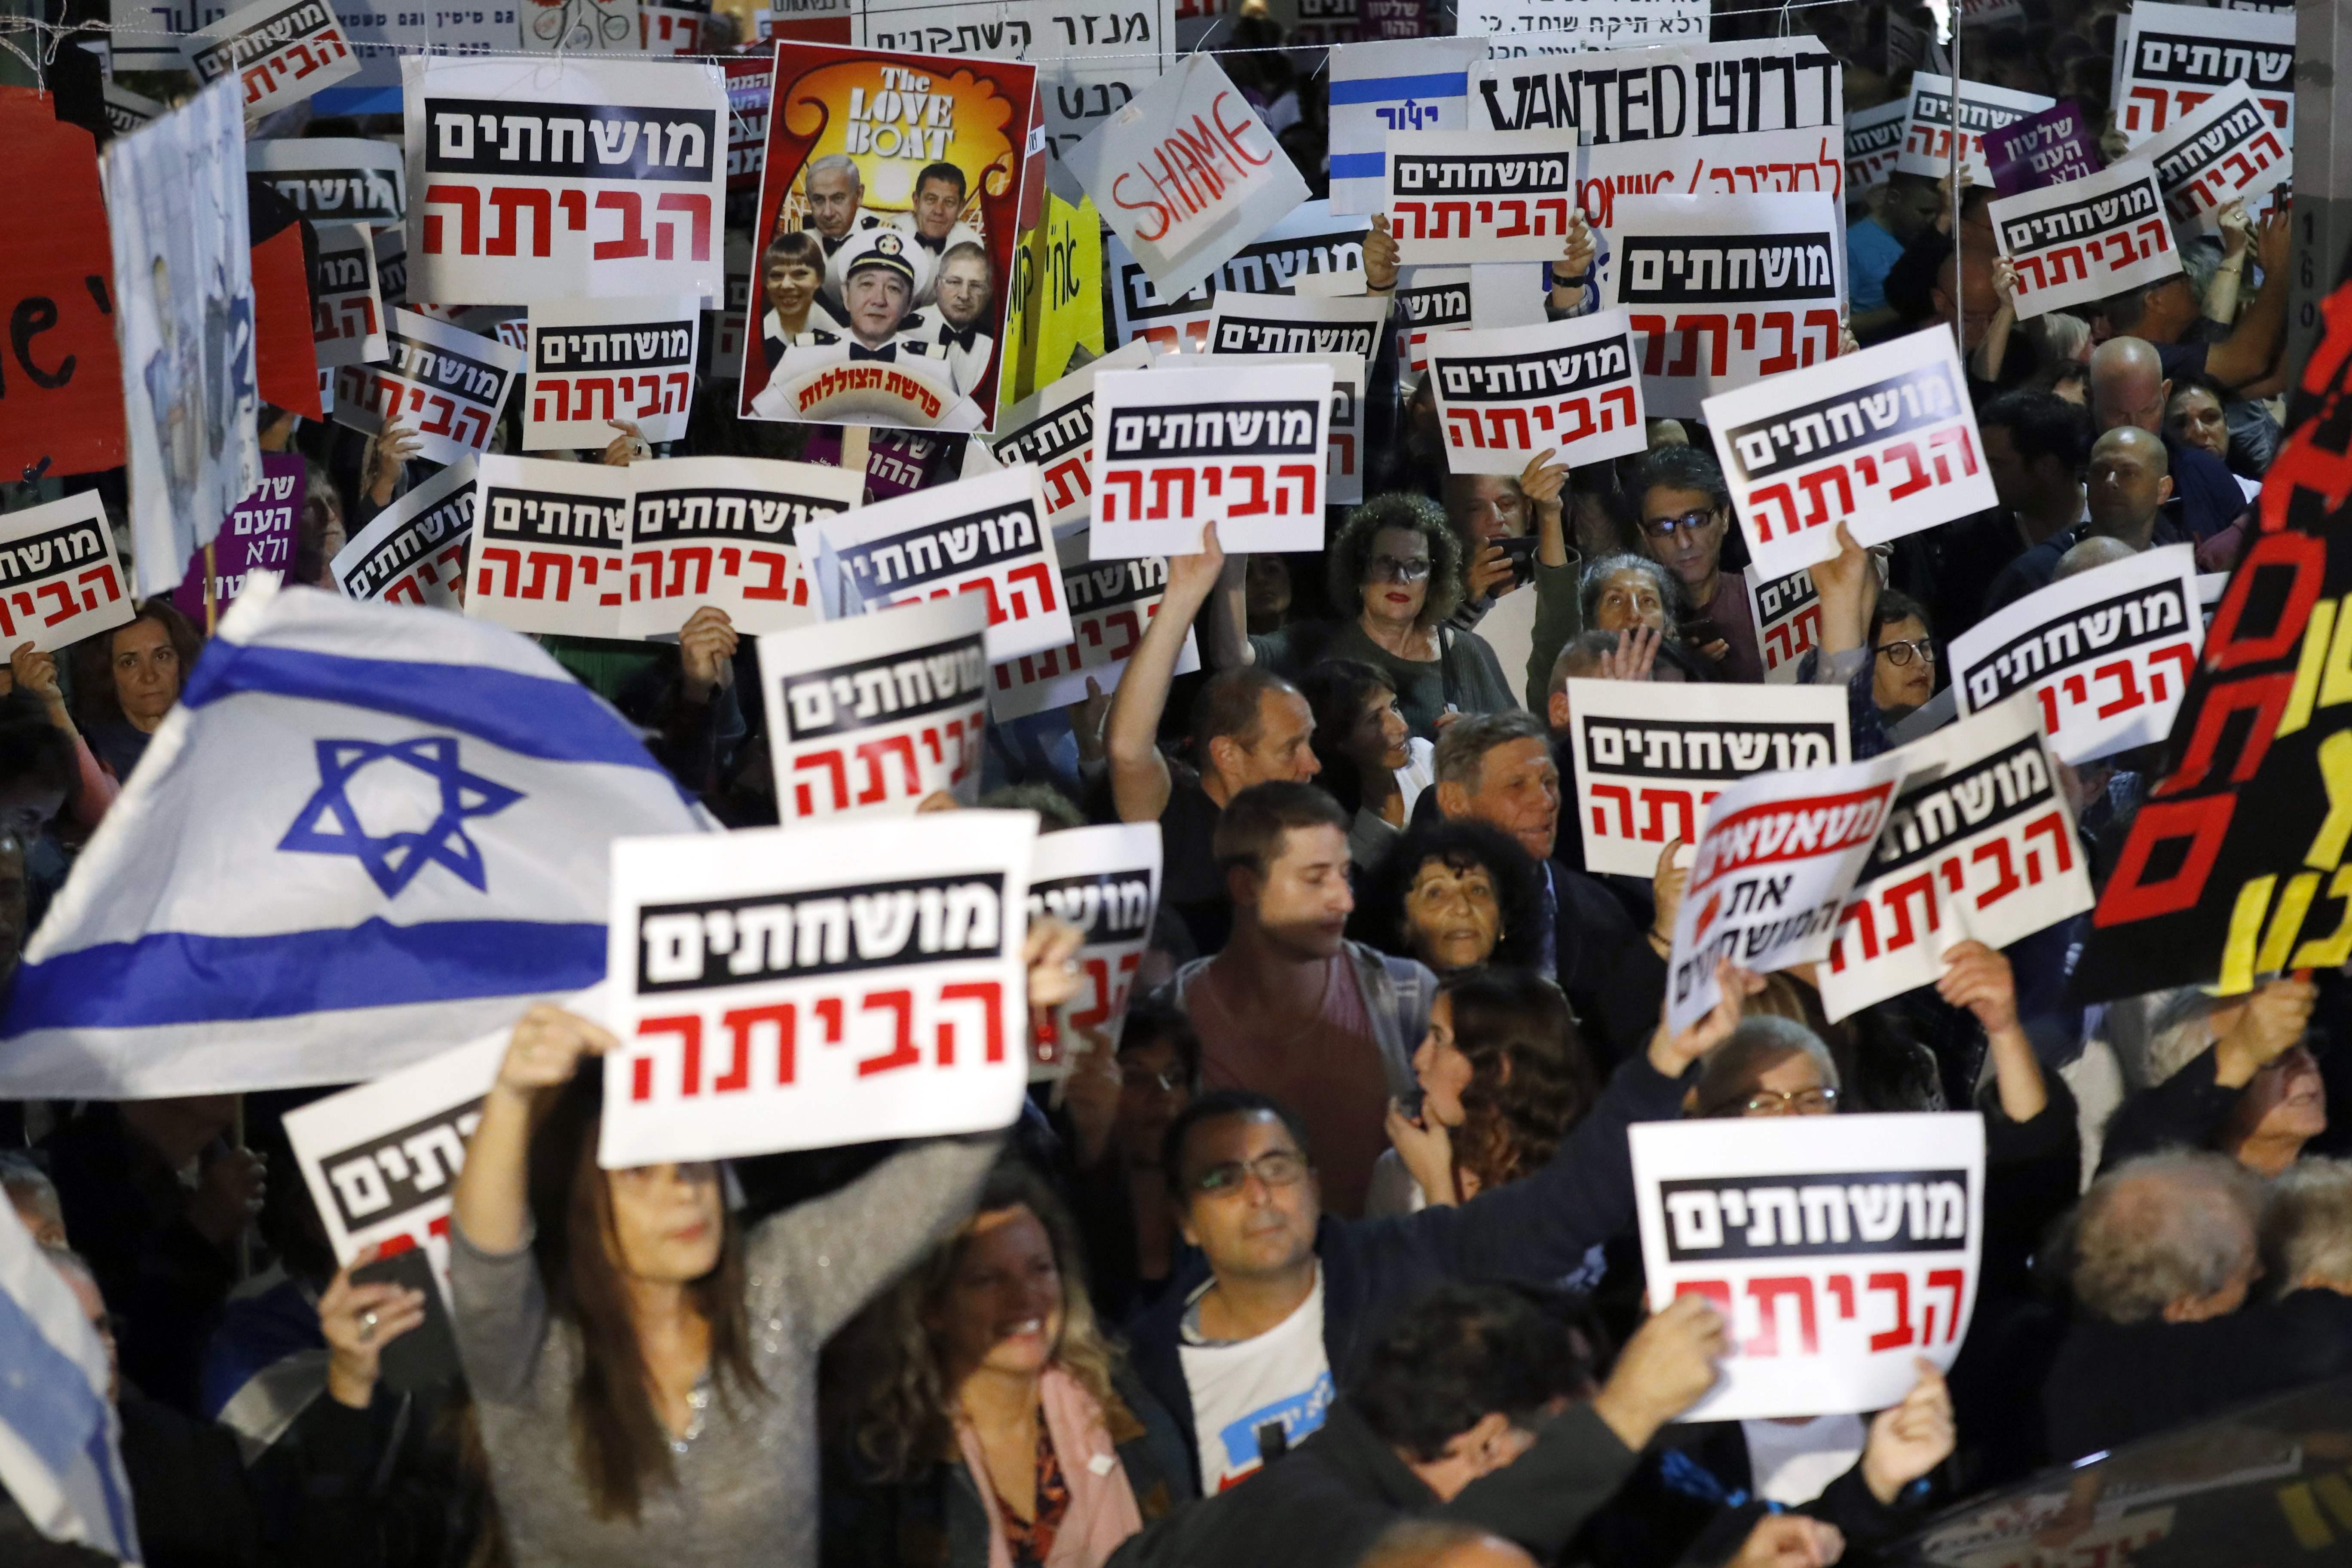 آلاف الاسرائيلين يحتجون ضد نتنياهو